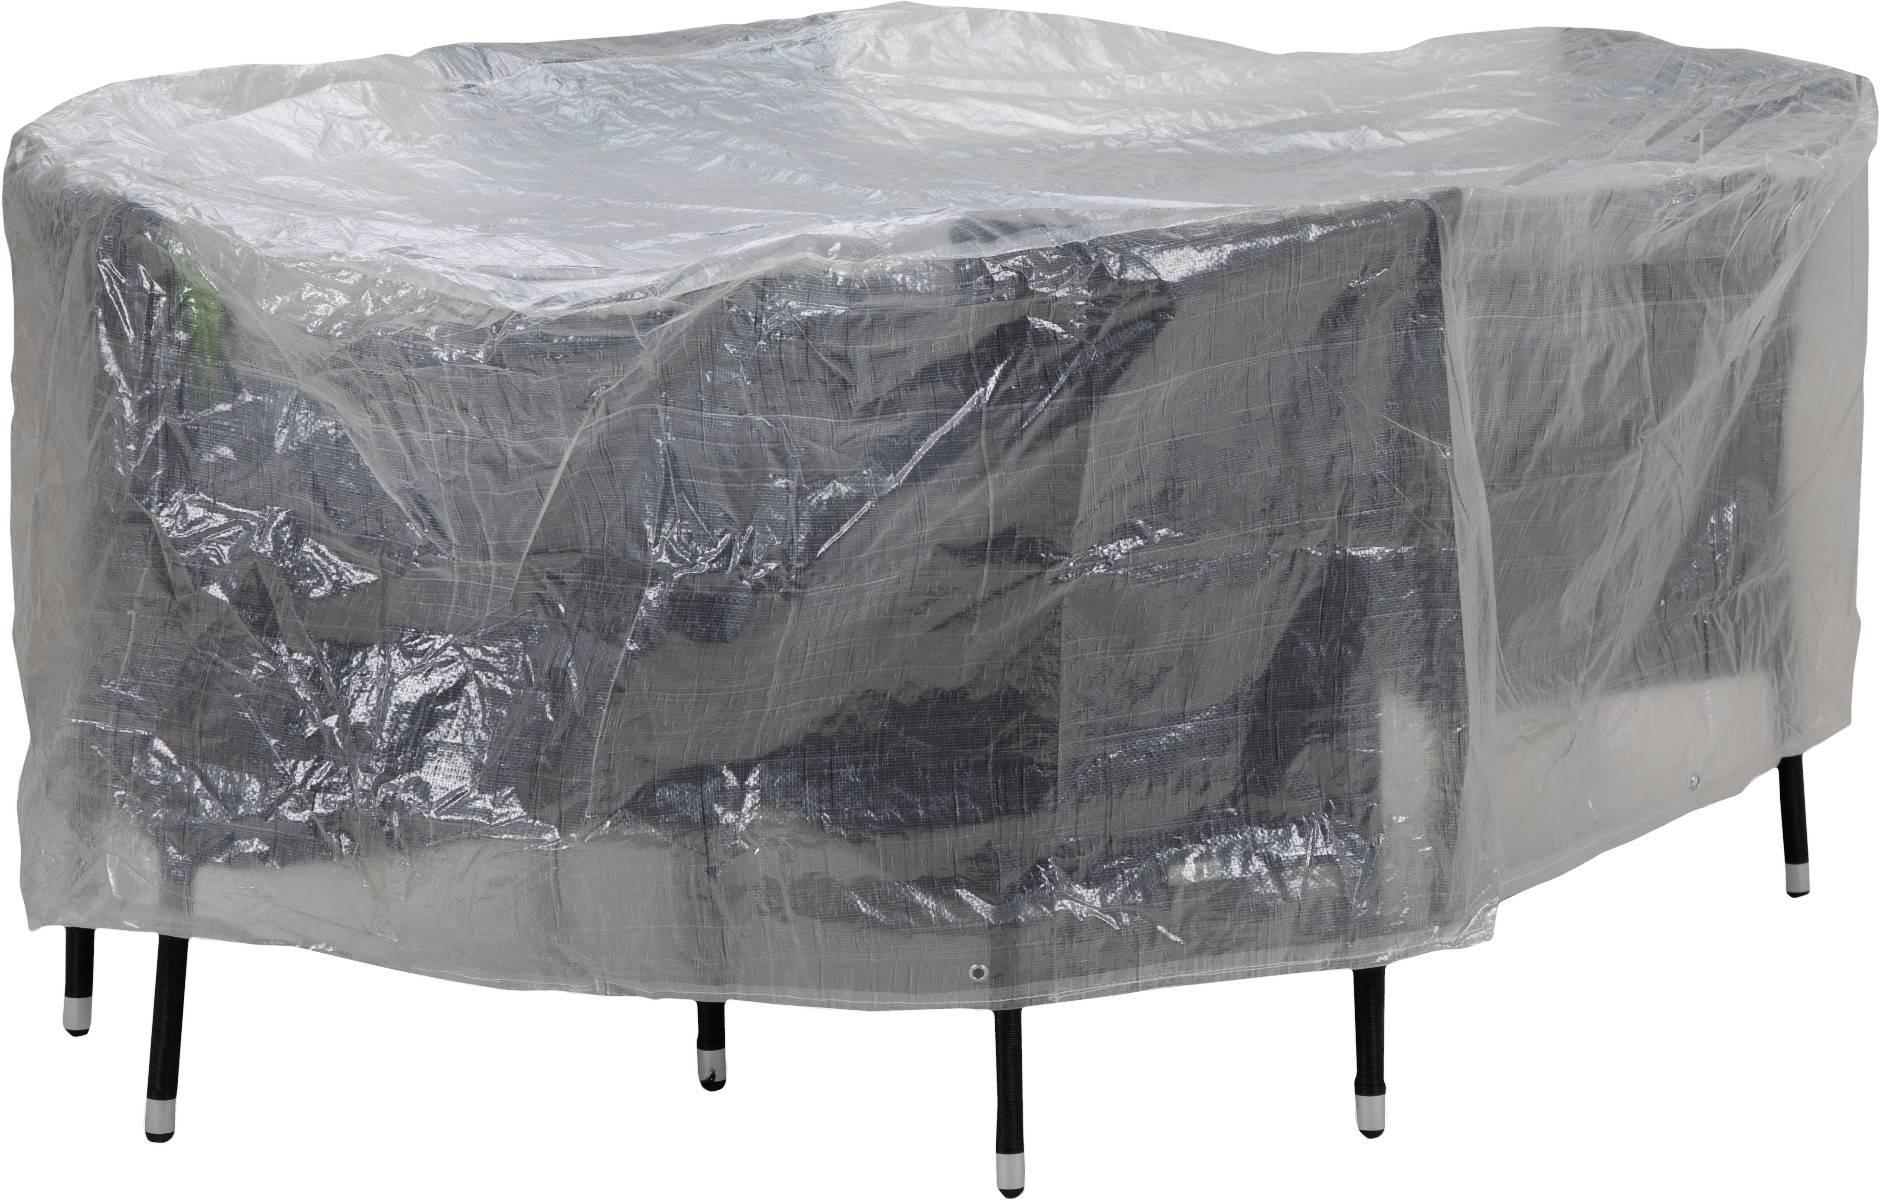 Schutzhülle für Sitzgruppen bis 180 cm ovale Form von beo